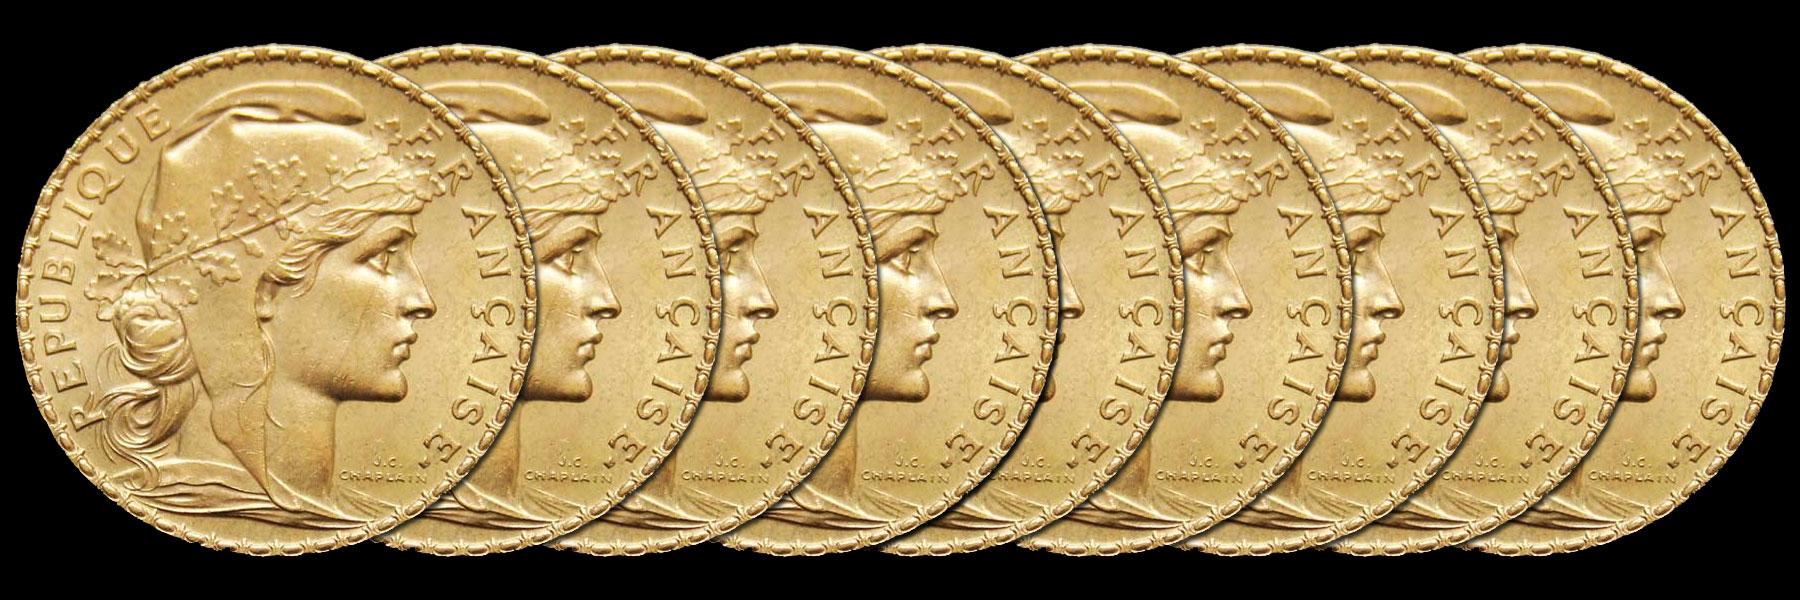 Photo pièces d'or 20 francs Coq Marianne années variées